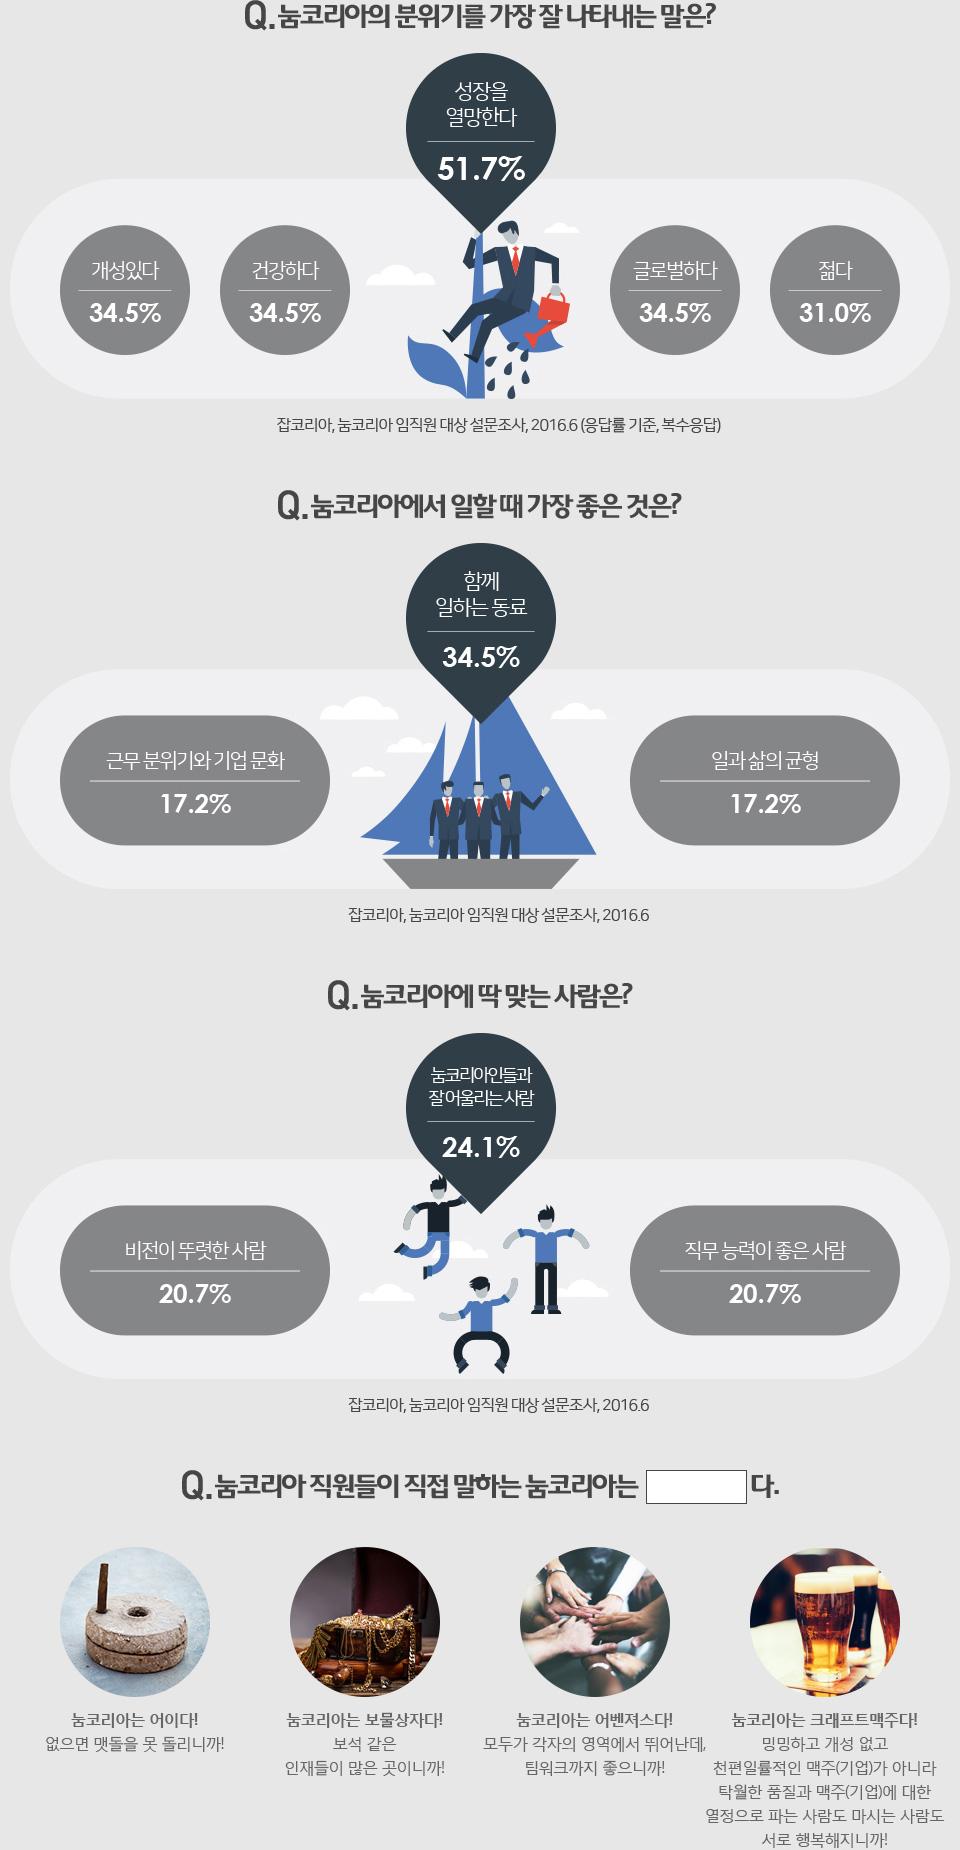 기업리뷰 - 아래 설명 참조